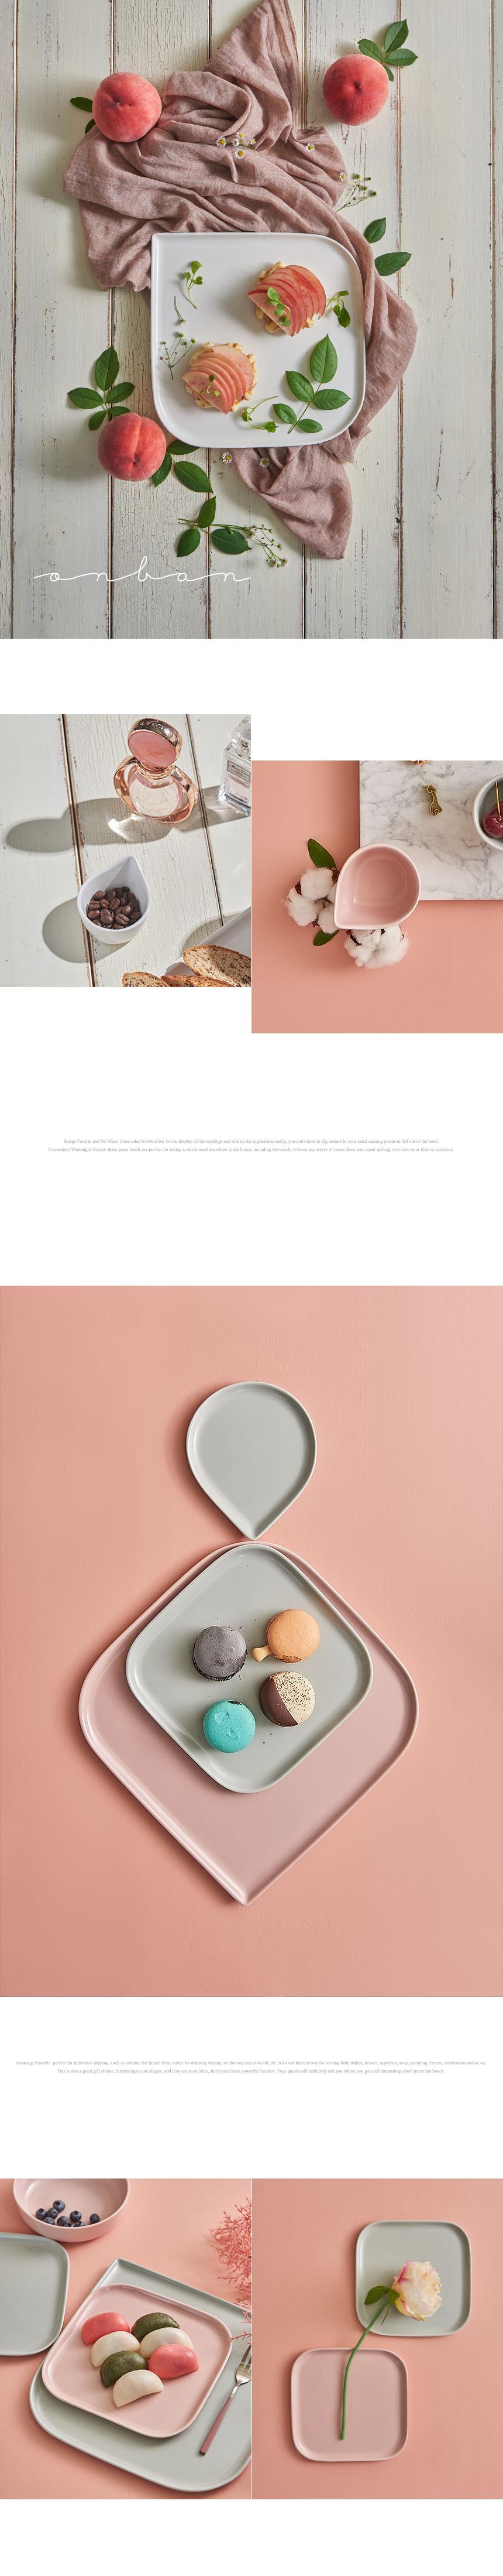 온반 6인 홈세트 31p (우윳빛, 하늘빛, 복숭아빛) - 라씨에뜨, 298,000원, 식기홈세트, 2인세트